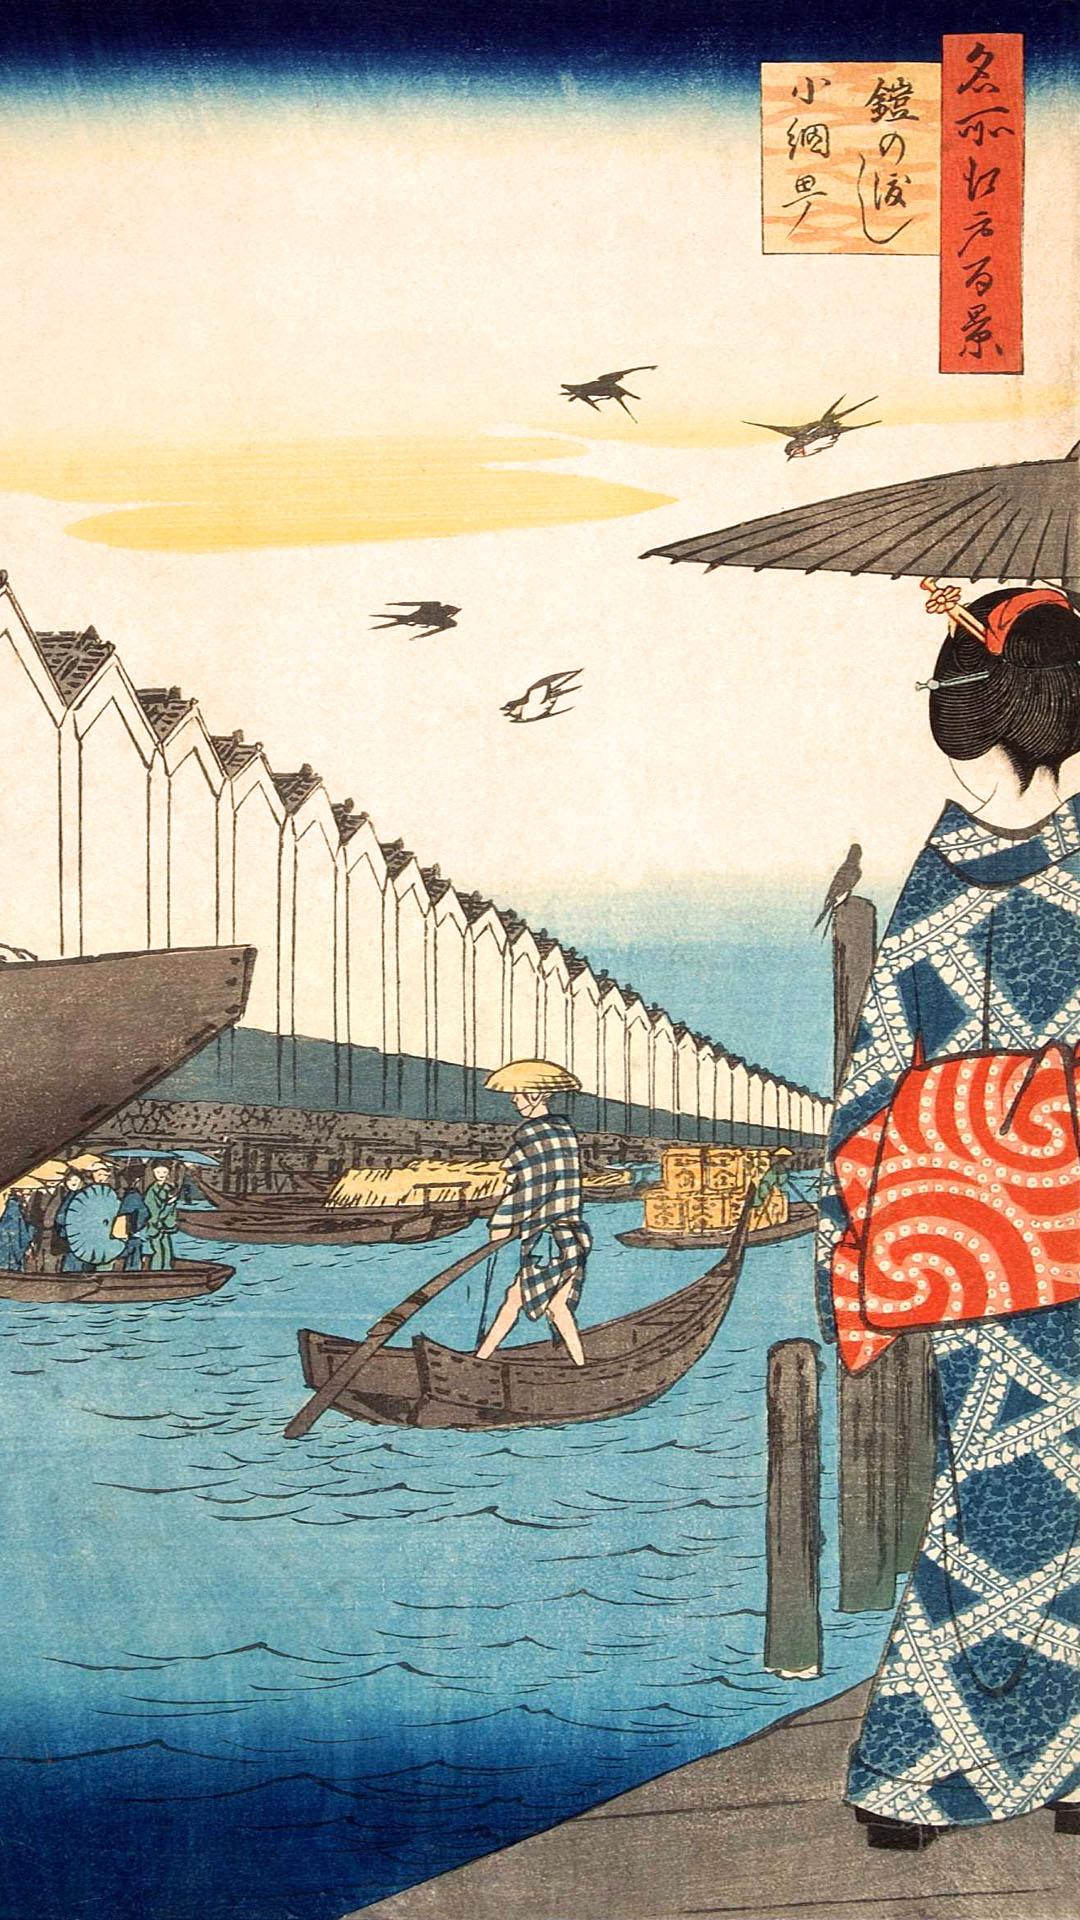 歌川広重 名所江戸百景 鎧の渡し小網町 Utagawa Hiroshige - Yoroi no watashi koamicho 1080x1920